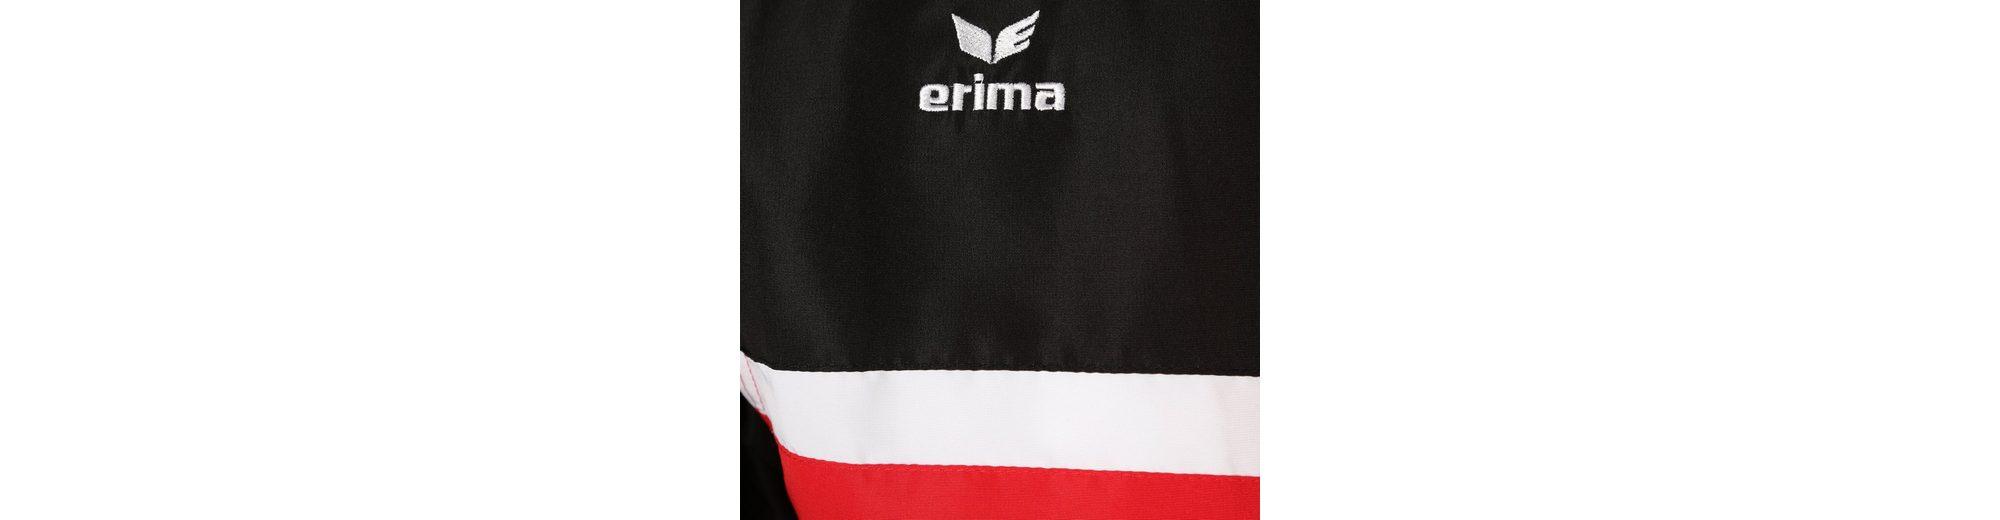 ERIMA 5-CUBES Jacke Herren Mit Kreditkarte p9Pabyuua